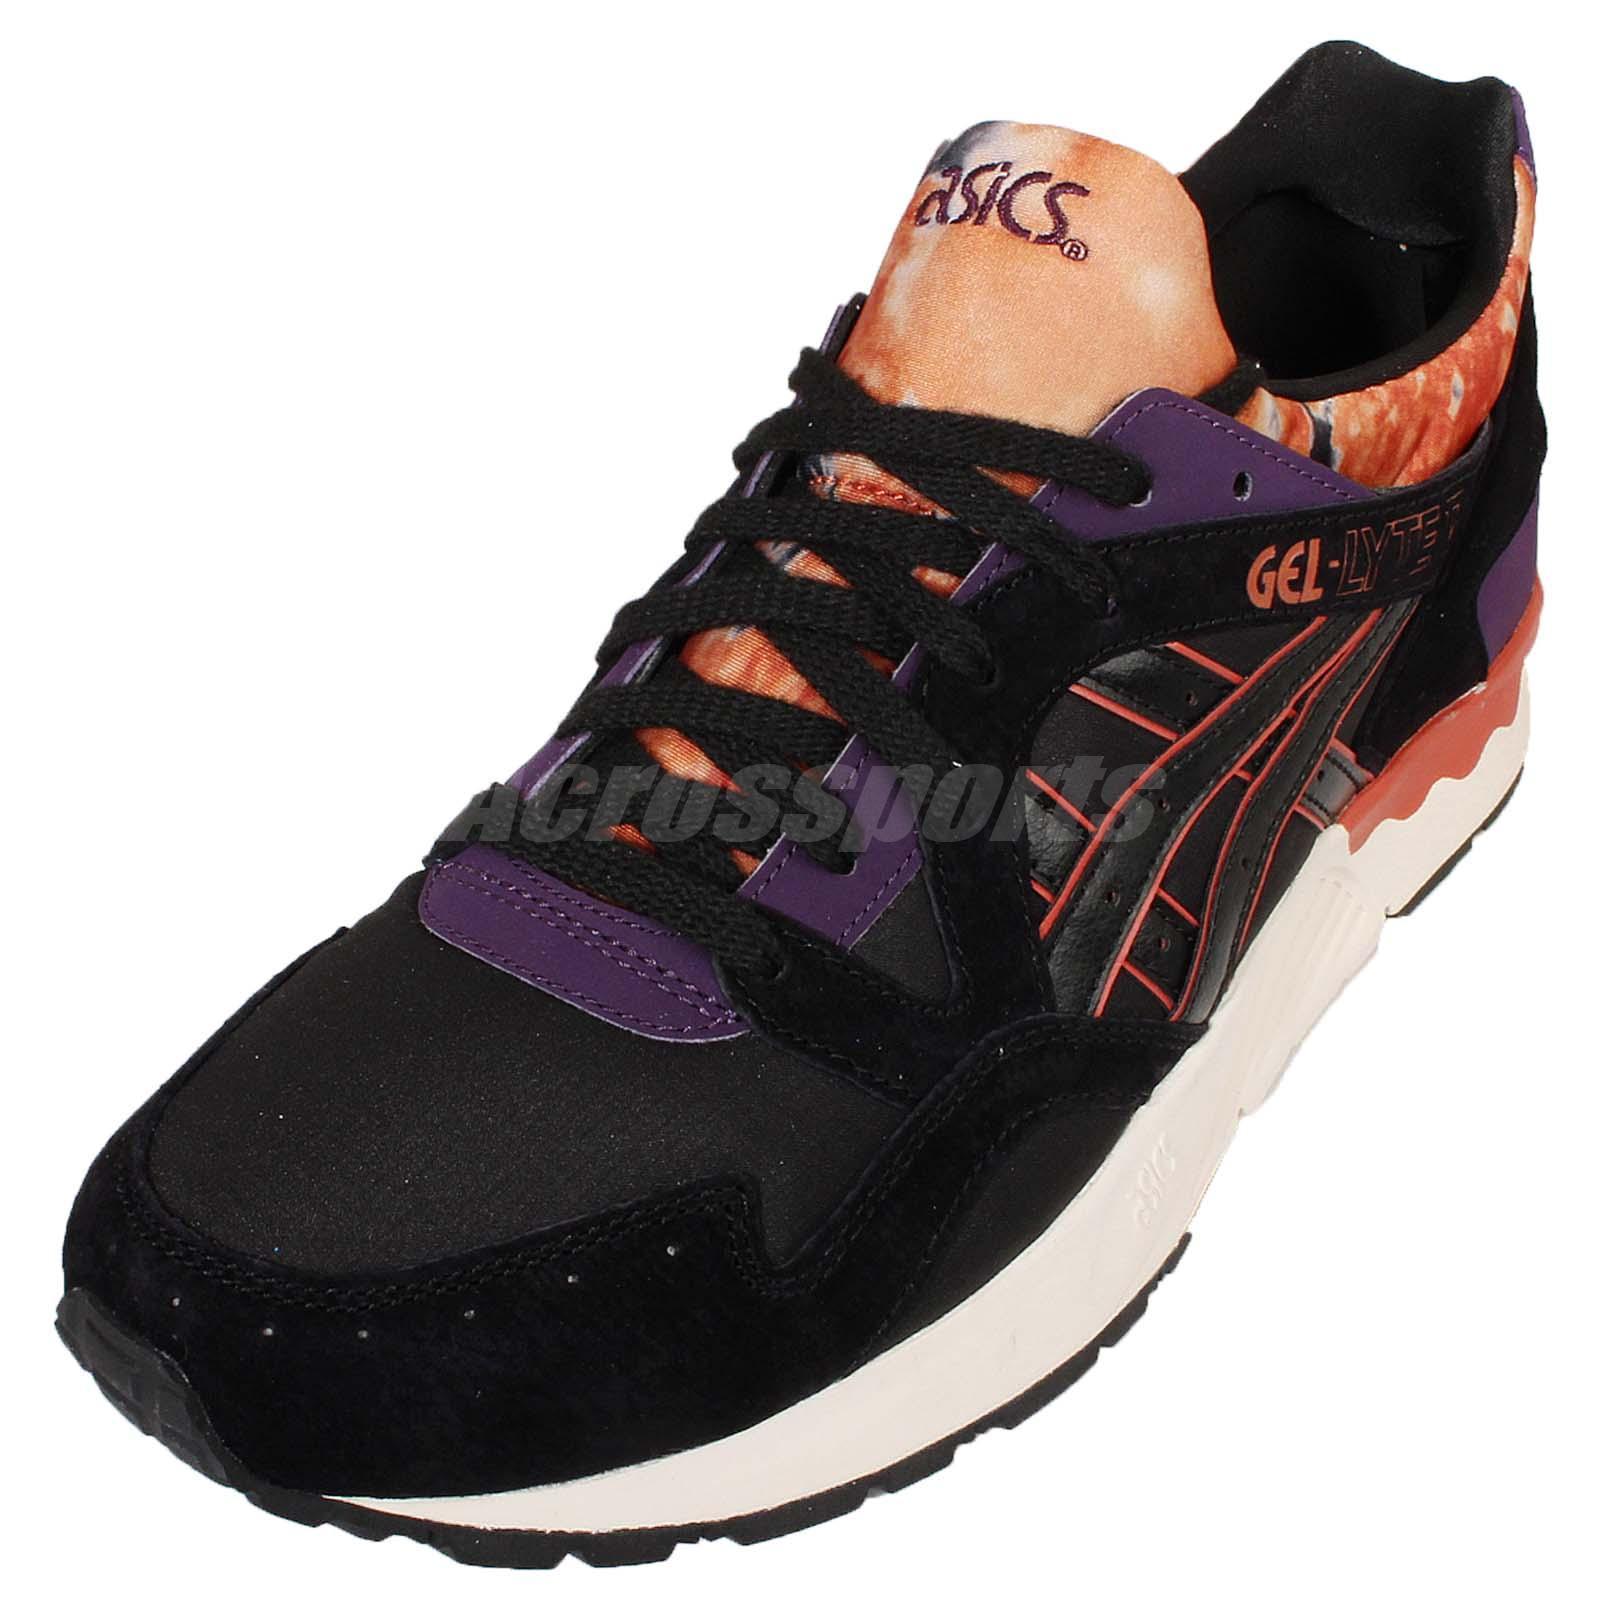 Details about Asics Tiger Gel Lyte V 5 The Storm Pack Black Orange Mens Retro Shoes H602N 9090